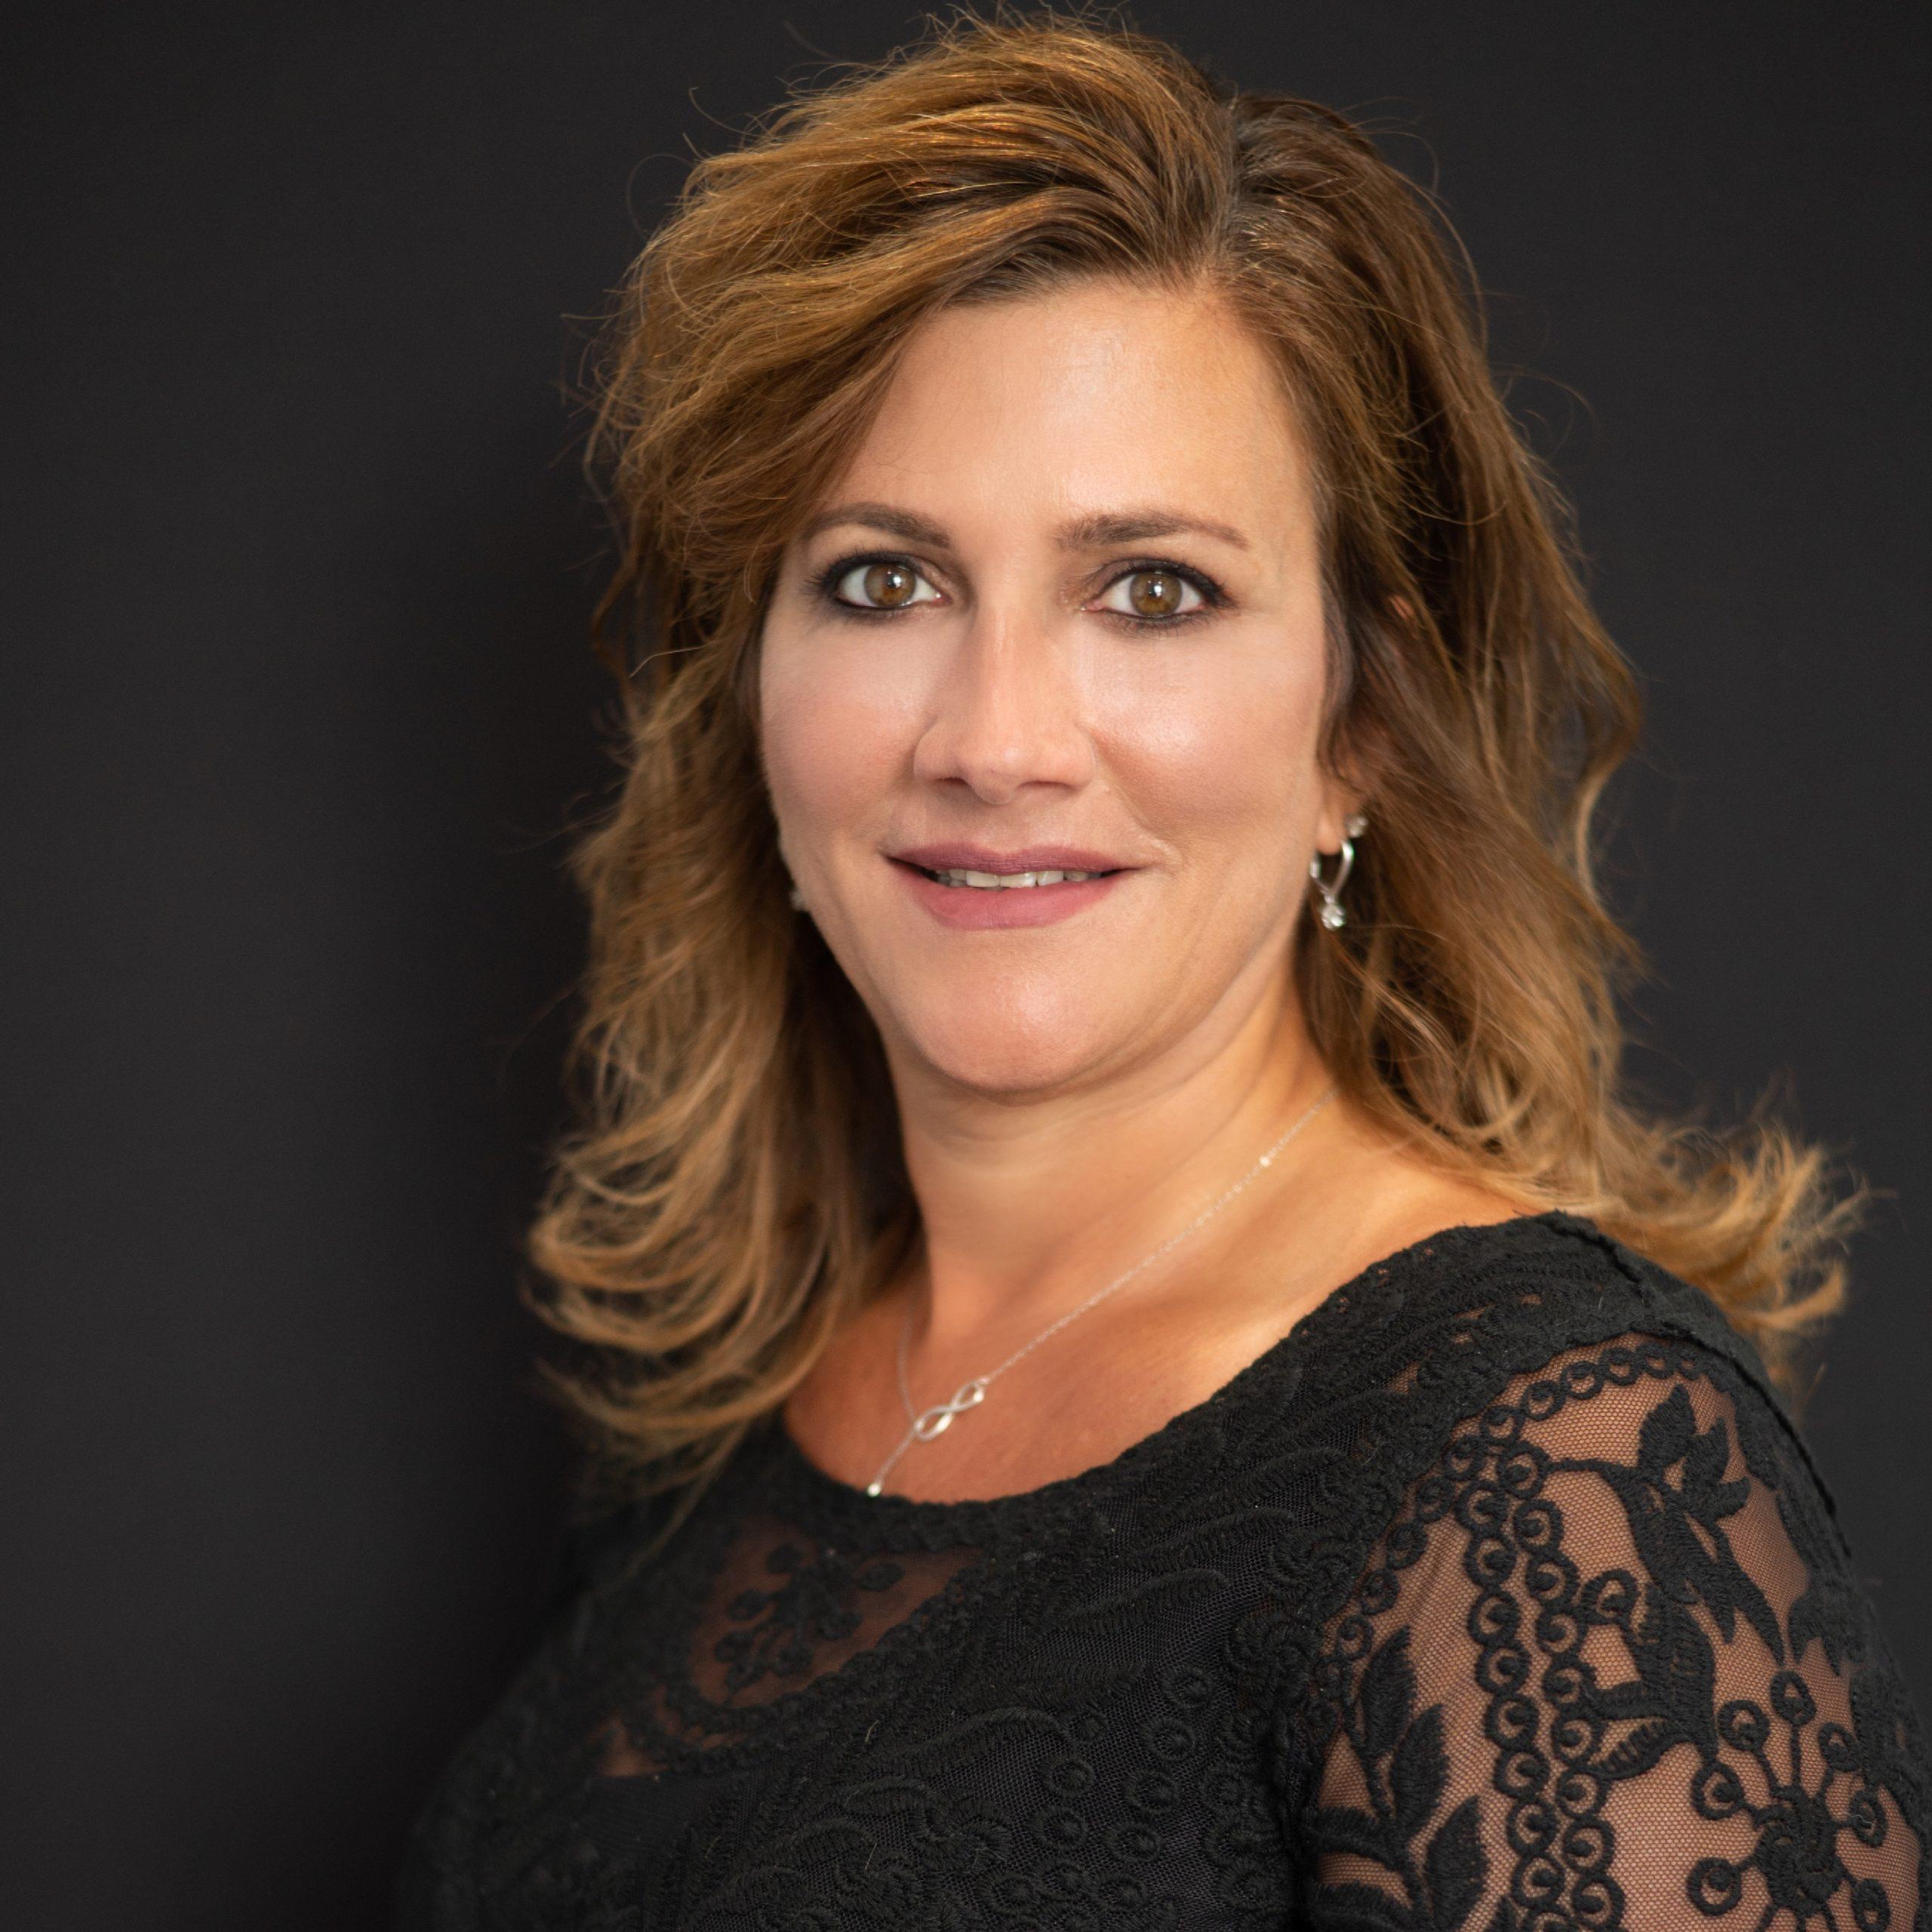 Christine-Sciarretti